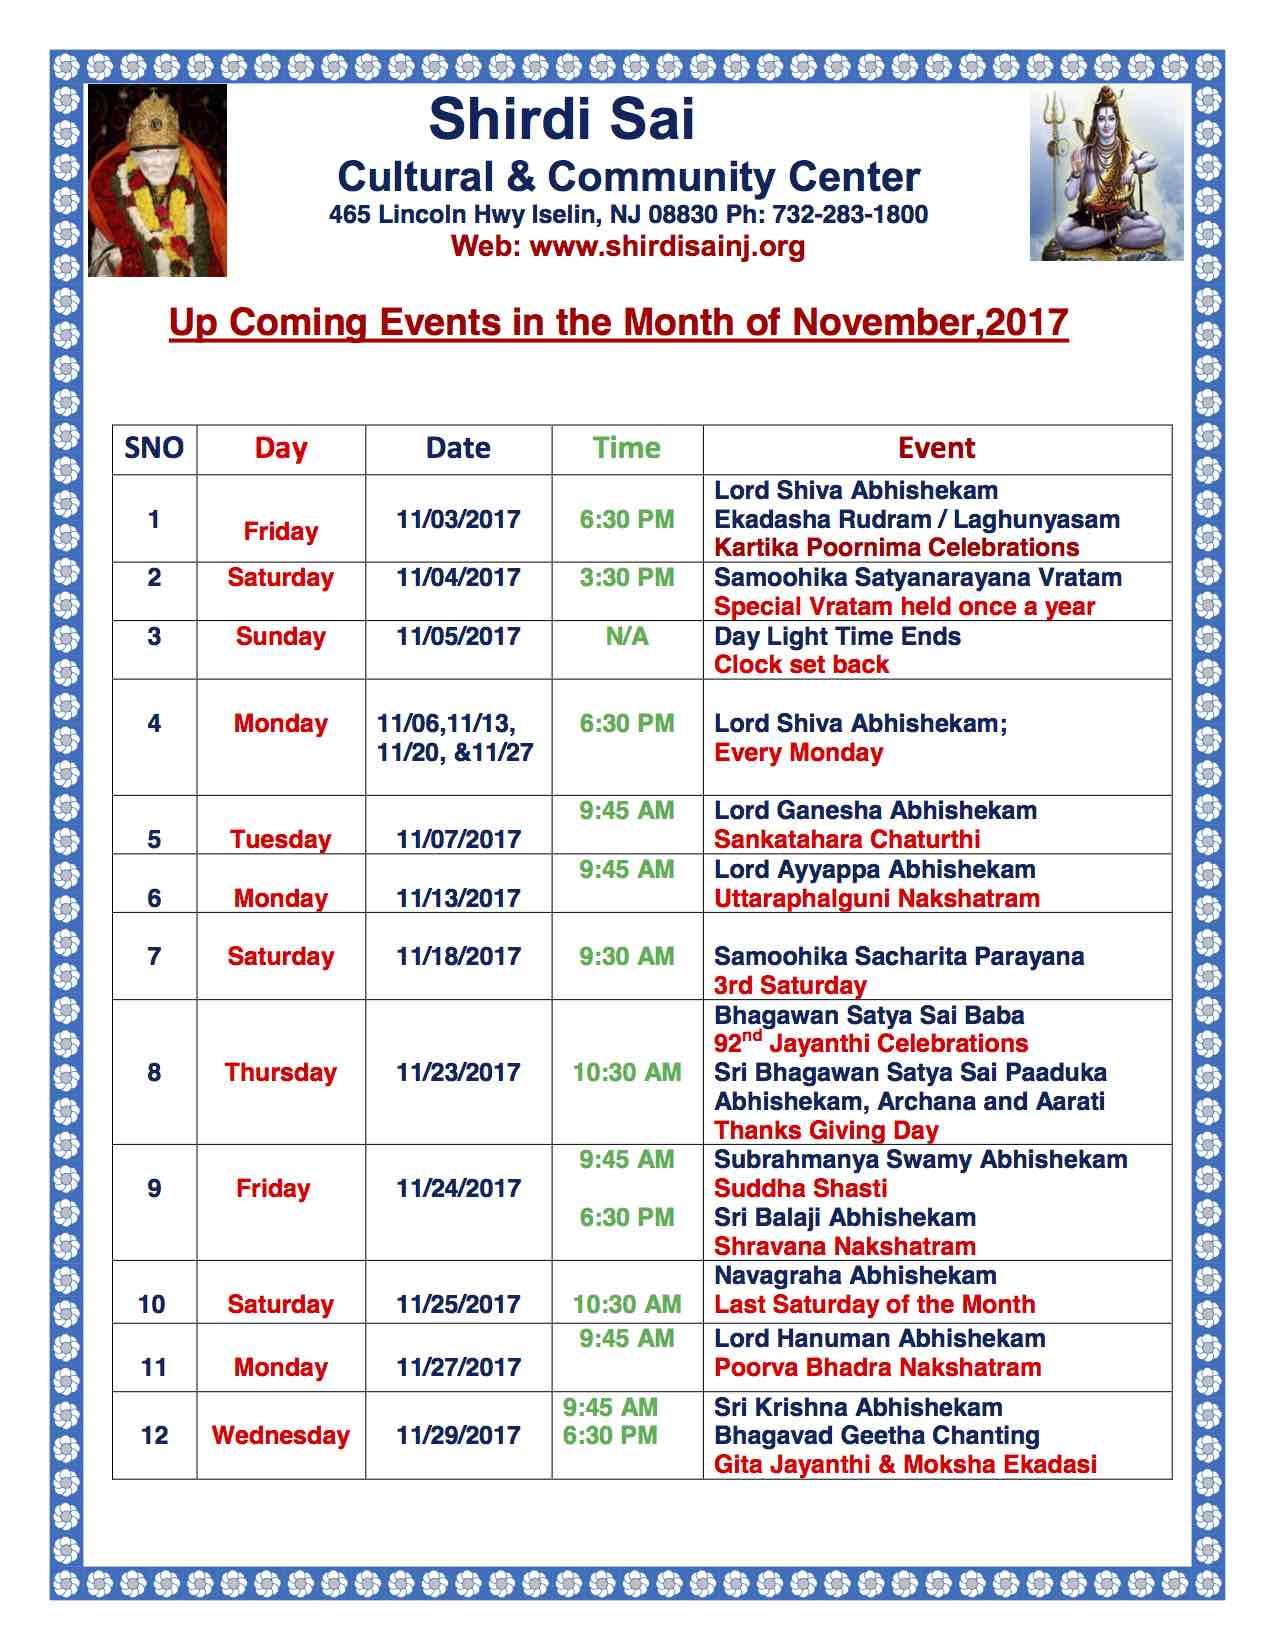 Nov 2017 Programs